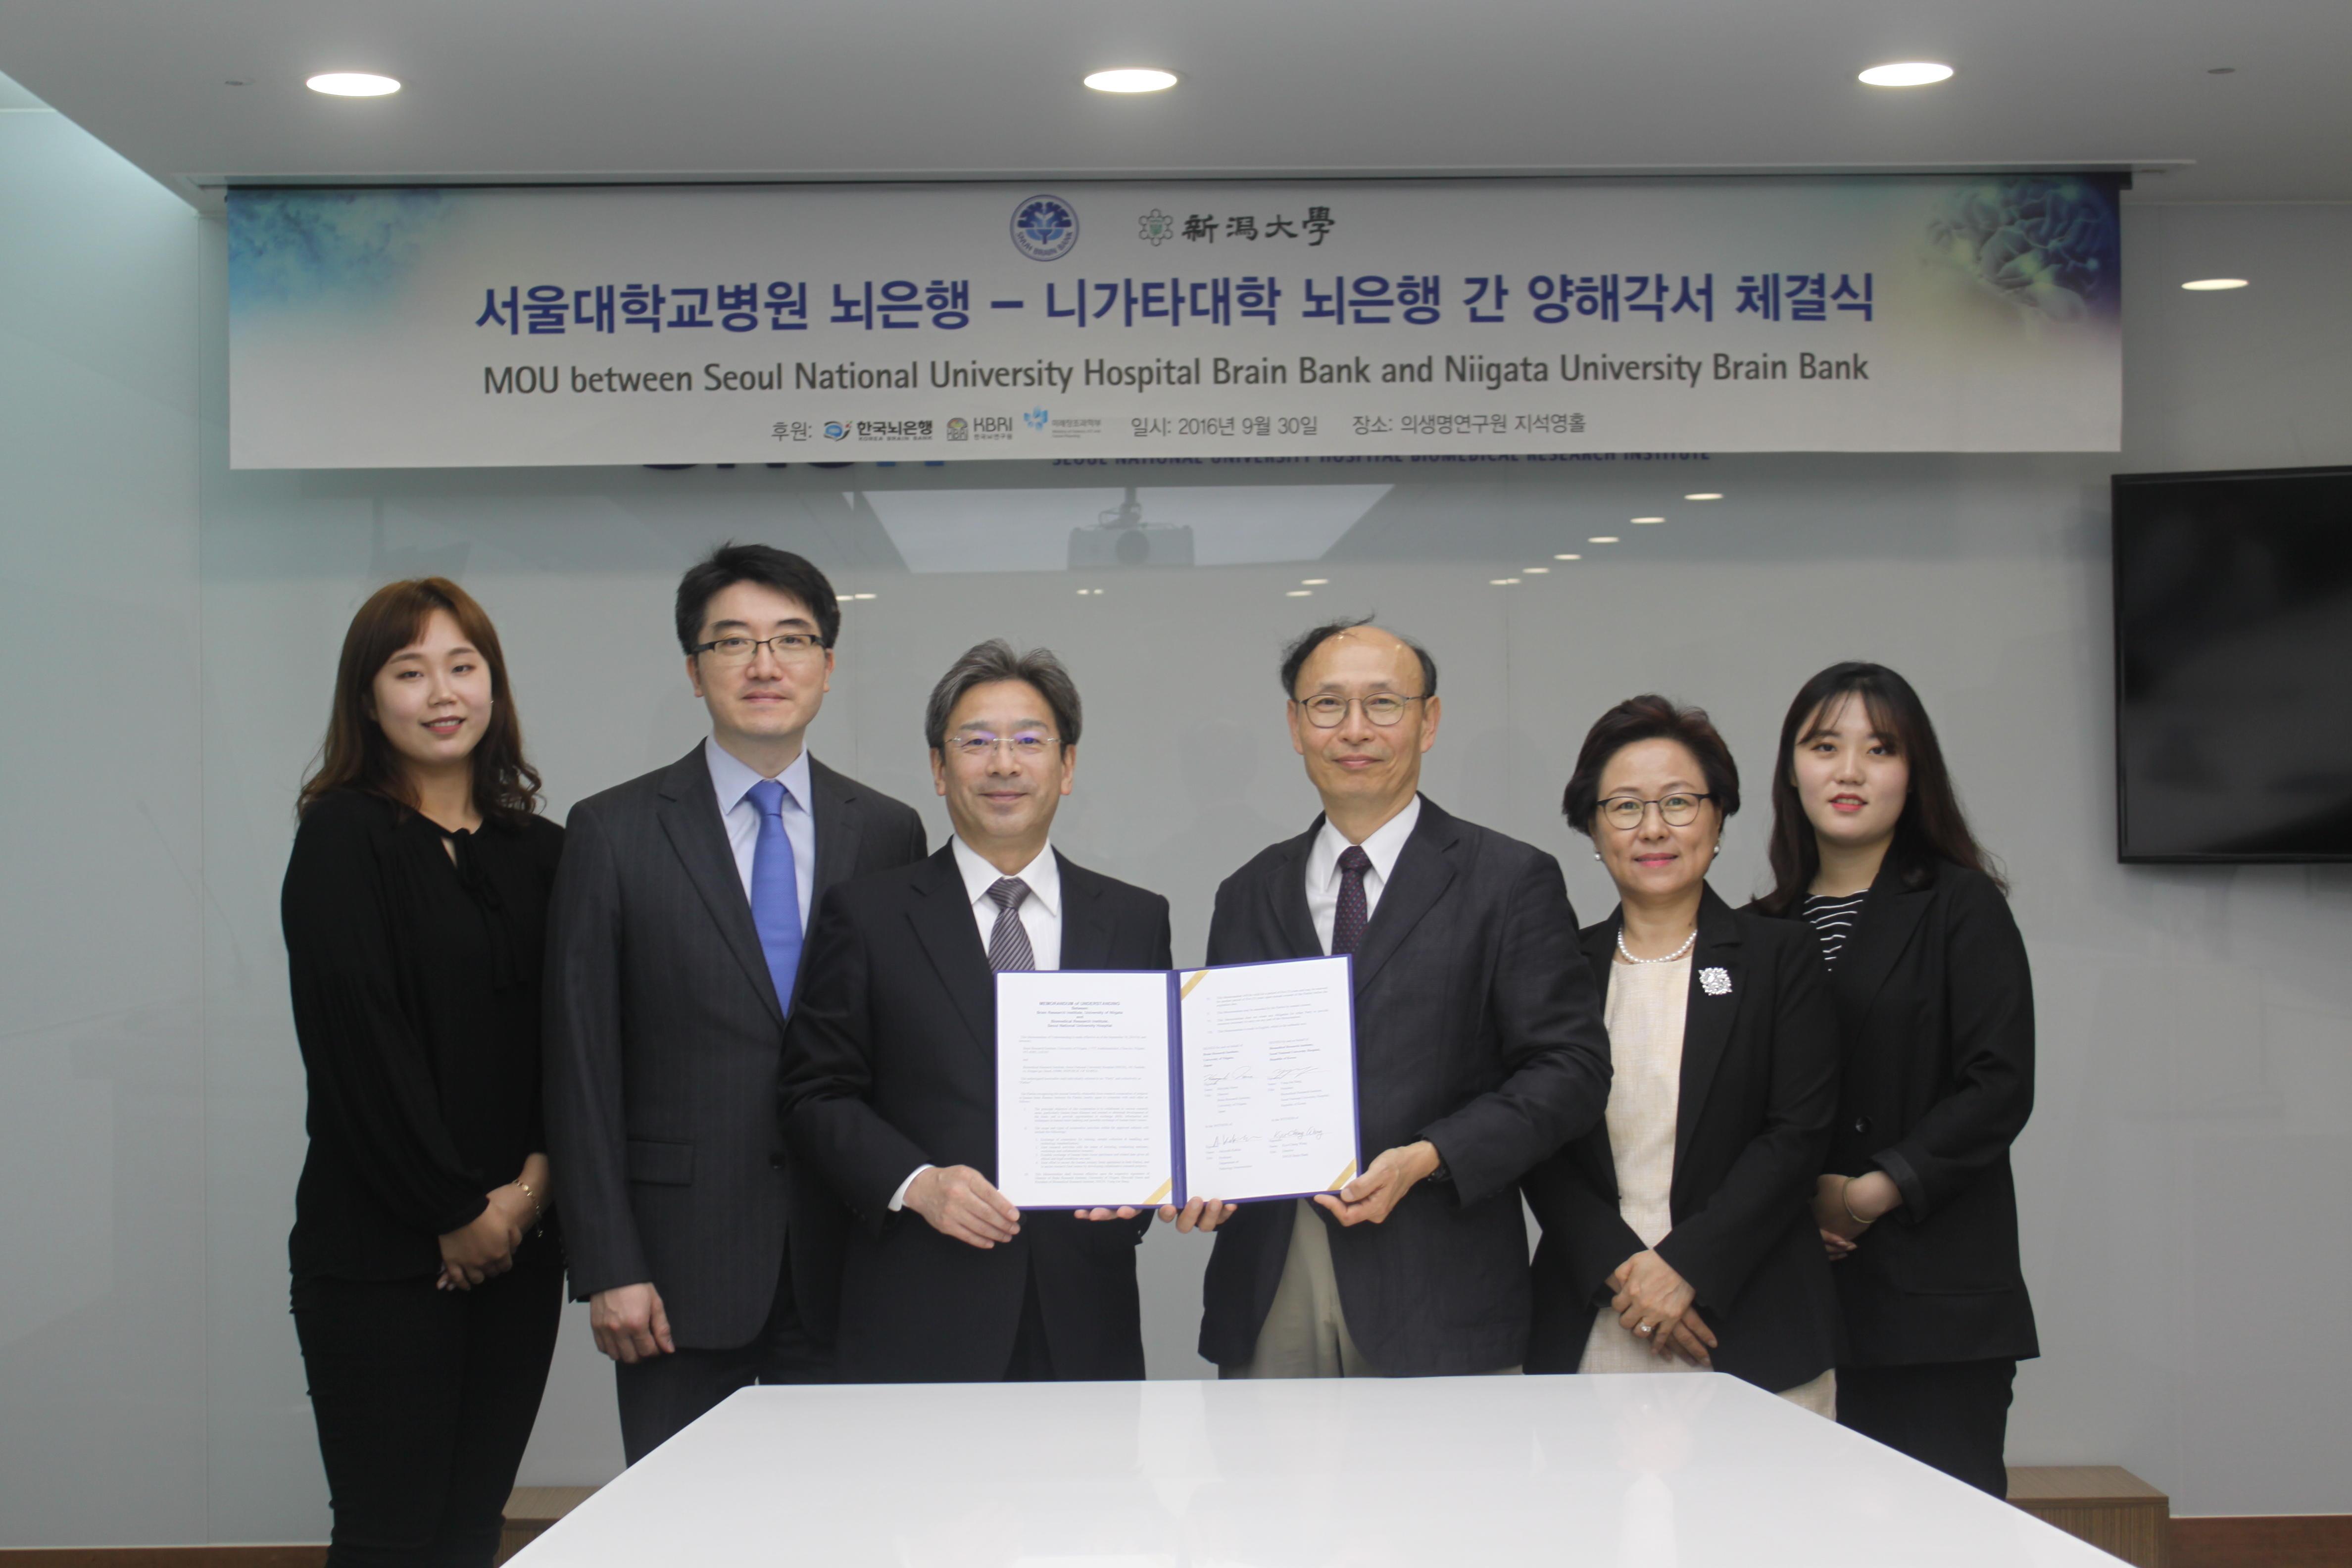 ソウル国立大学病院バイオメディカル研究所との研究協力に関する協定覚書を締結しました